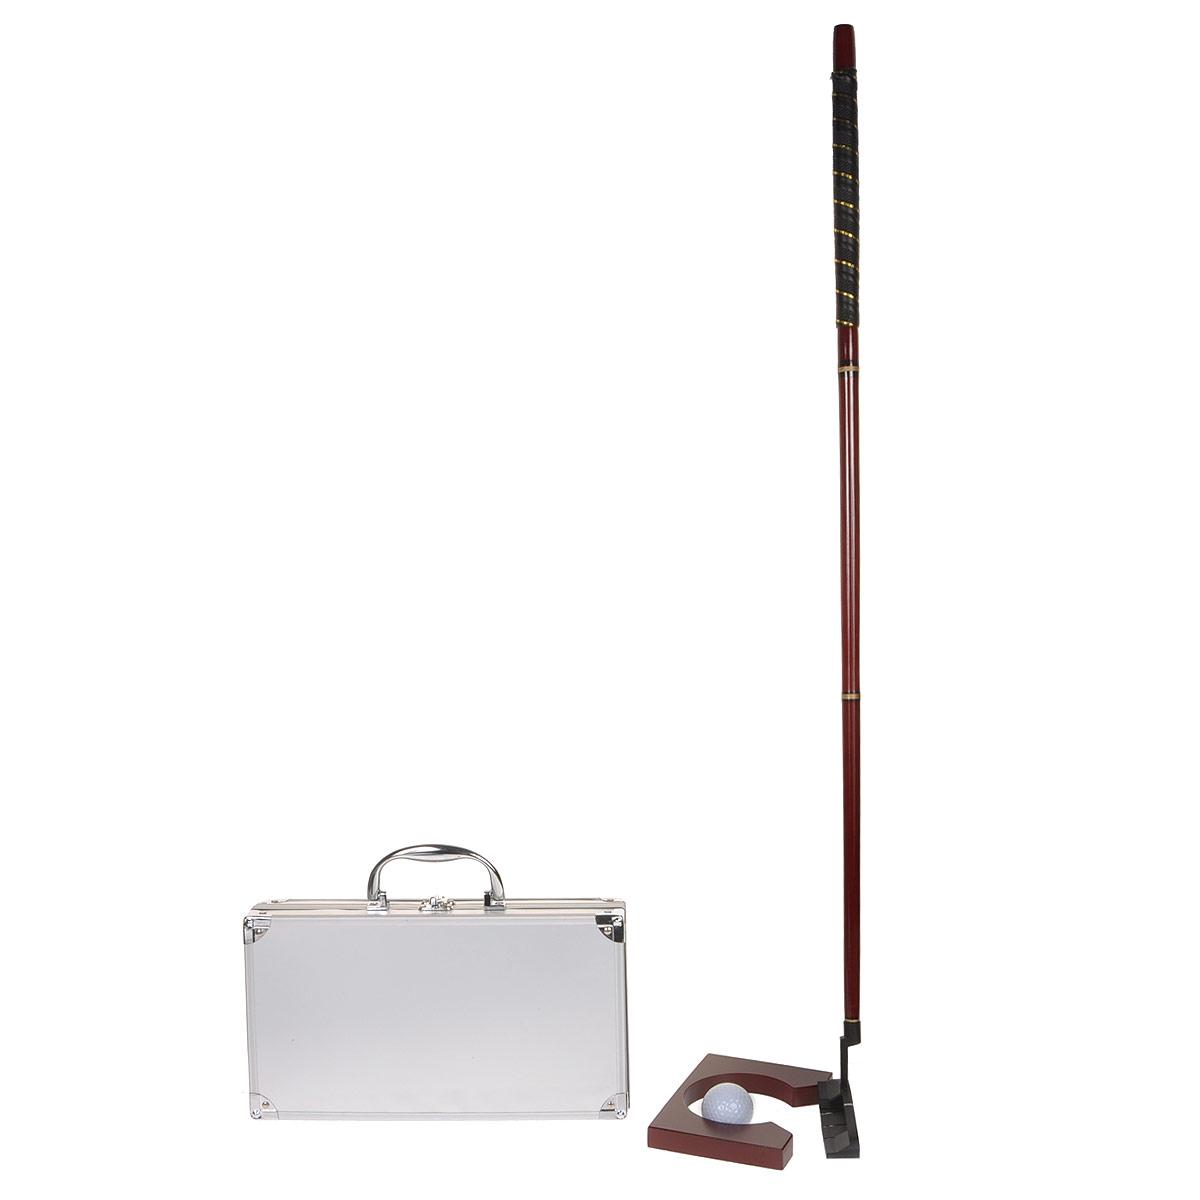 Набор для игры в гольф Silver Line, размер: 38x30х9 см. 71027102Набор для игры в гольф Silver Line состоит из складной клюшки, 2 мячей и лунки. Все предметы набора хранятся в металлическом кейсе, который закрывается на задвижку. Клюшка, выполненная из лакированного дерева красного цвета, легко собирается и разбирается и имеет легкую головку Г-образной формы. Ручка клюшки оснащена резиновой вставкой. Такие клюшки называются паттер и предназначены для игры на грине и нанесения патов - катящих ударов, которыми мяч закатывается в лунку. Теперь с ее помощью в гольф можно играть и в помещении. Такой набор для игры в гольф порадует любого гольфиста, ведь играть и тренировать удары можно не выходя из помещения. Оригинальный подарок к любому случаю.